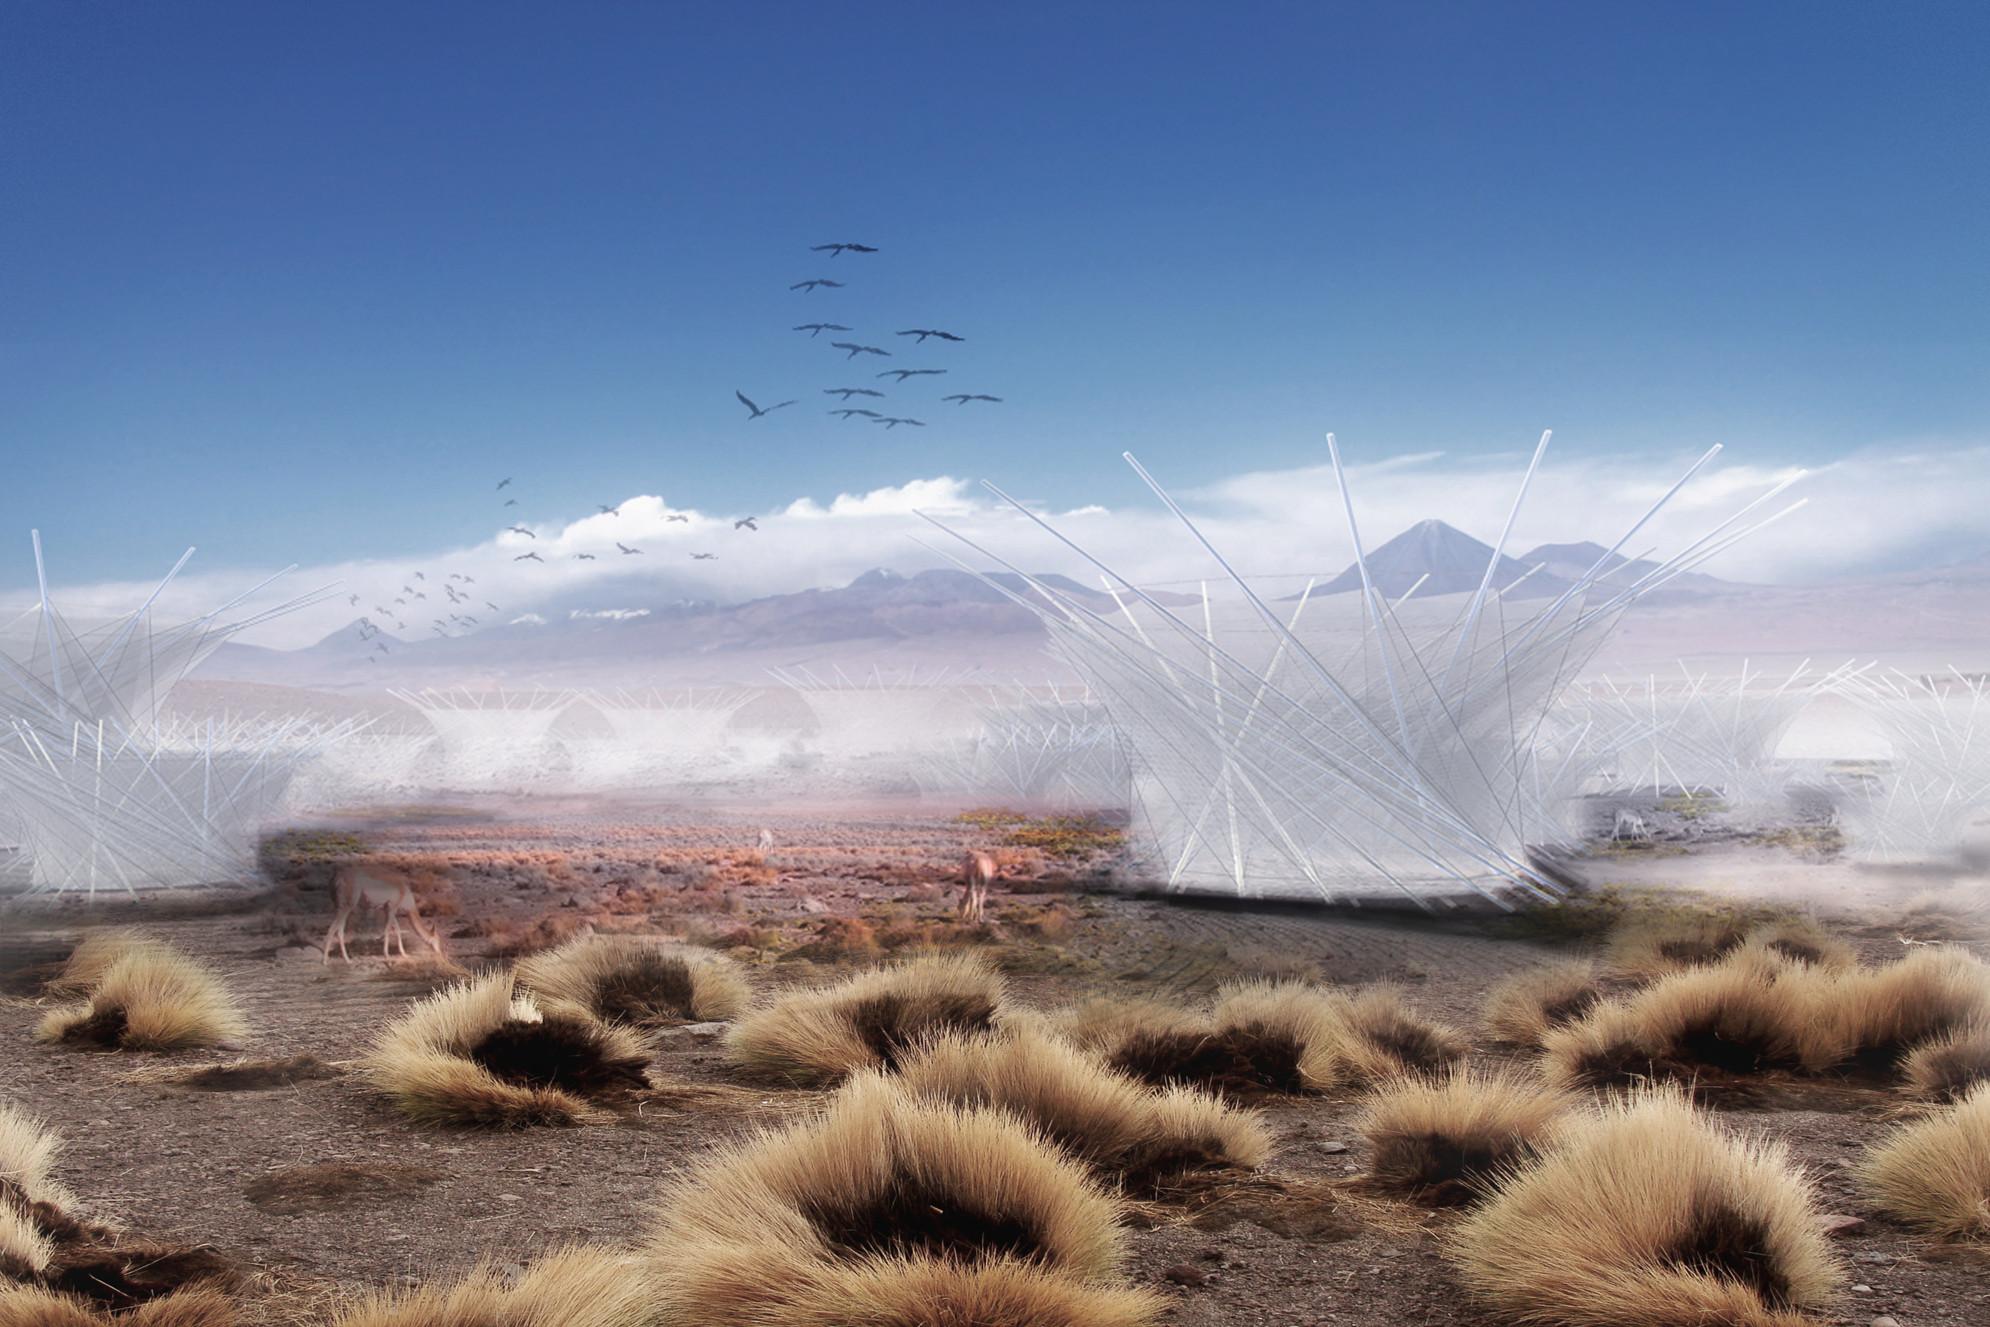 Granja de nubes en Atacama: buscando captar el agua del desierto, Cortesia de Z4Z4